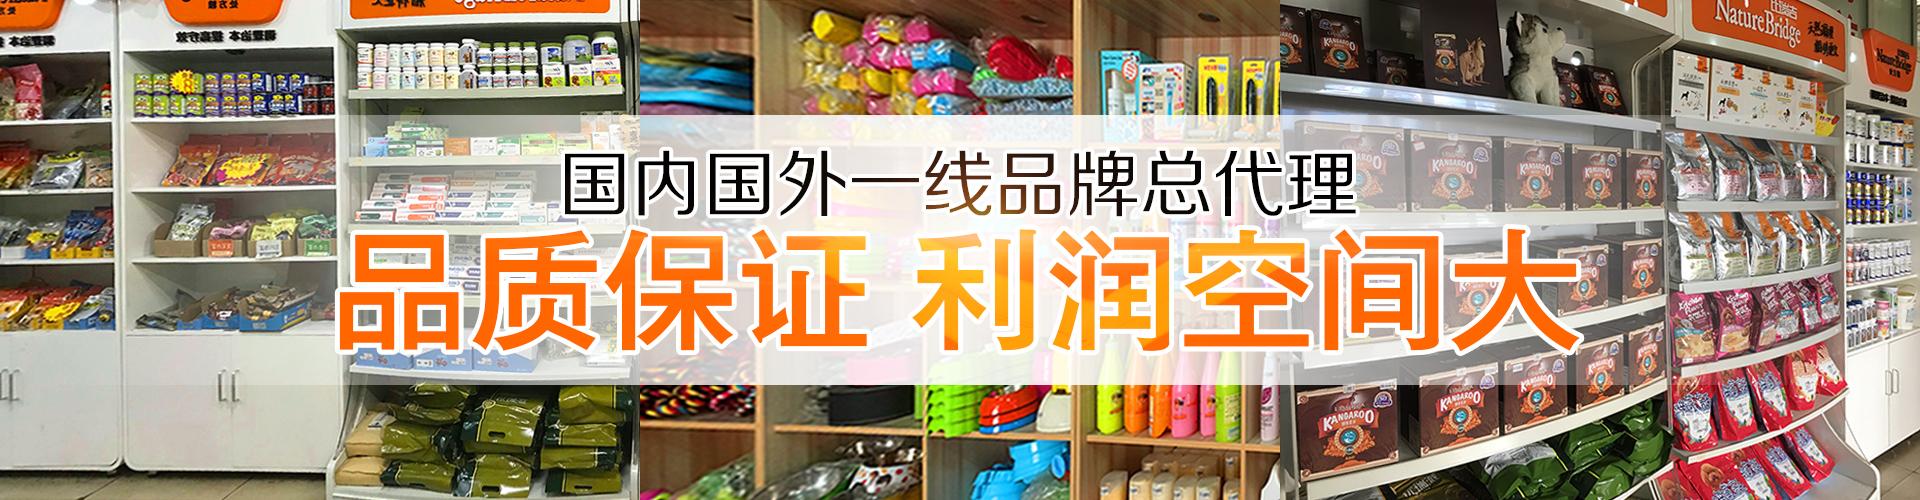 宠物用品批发市场